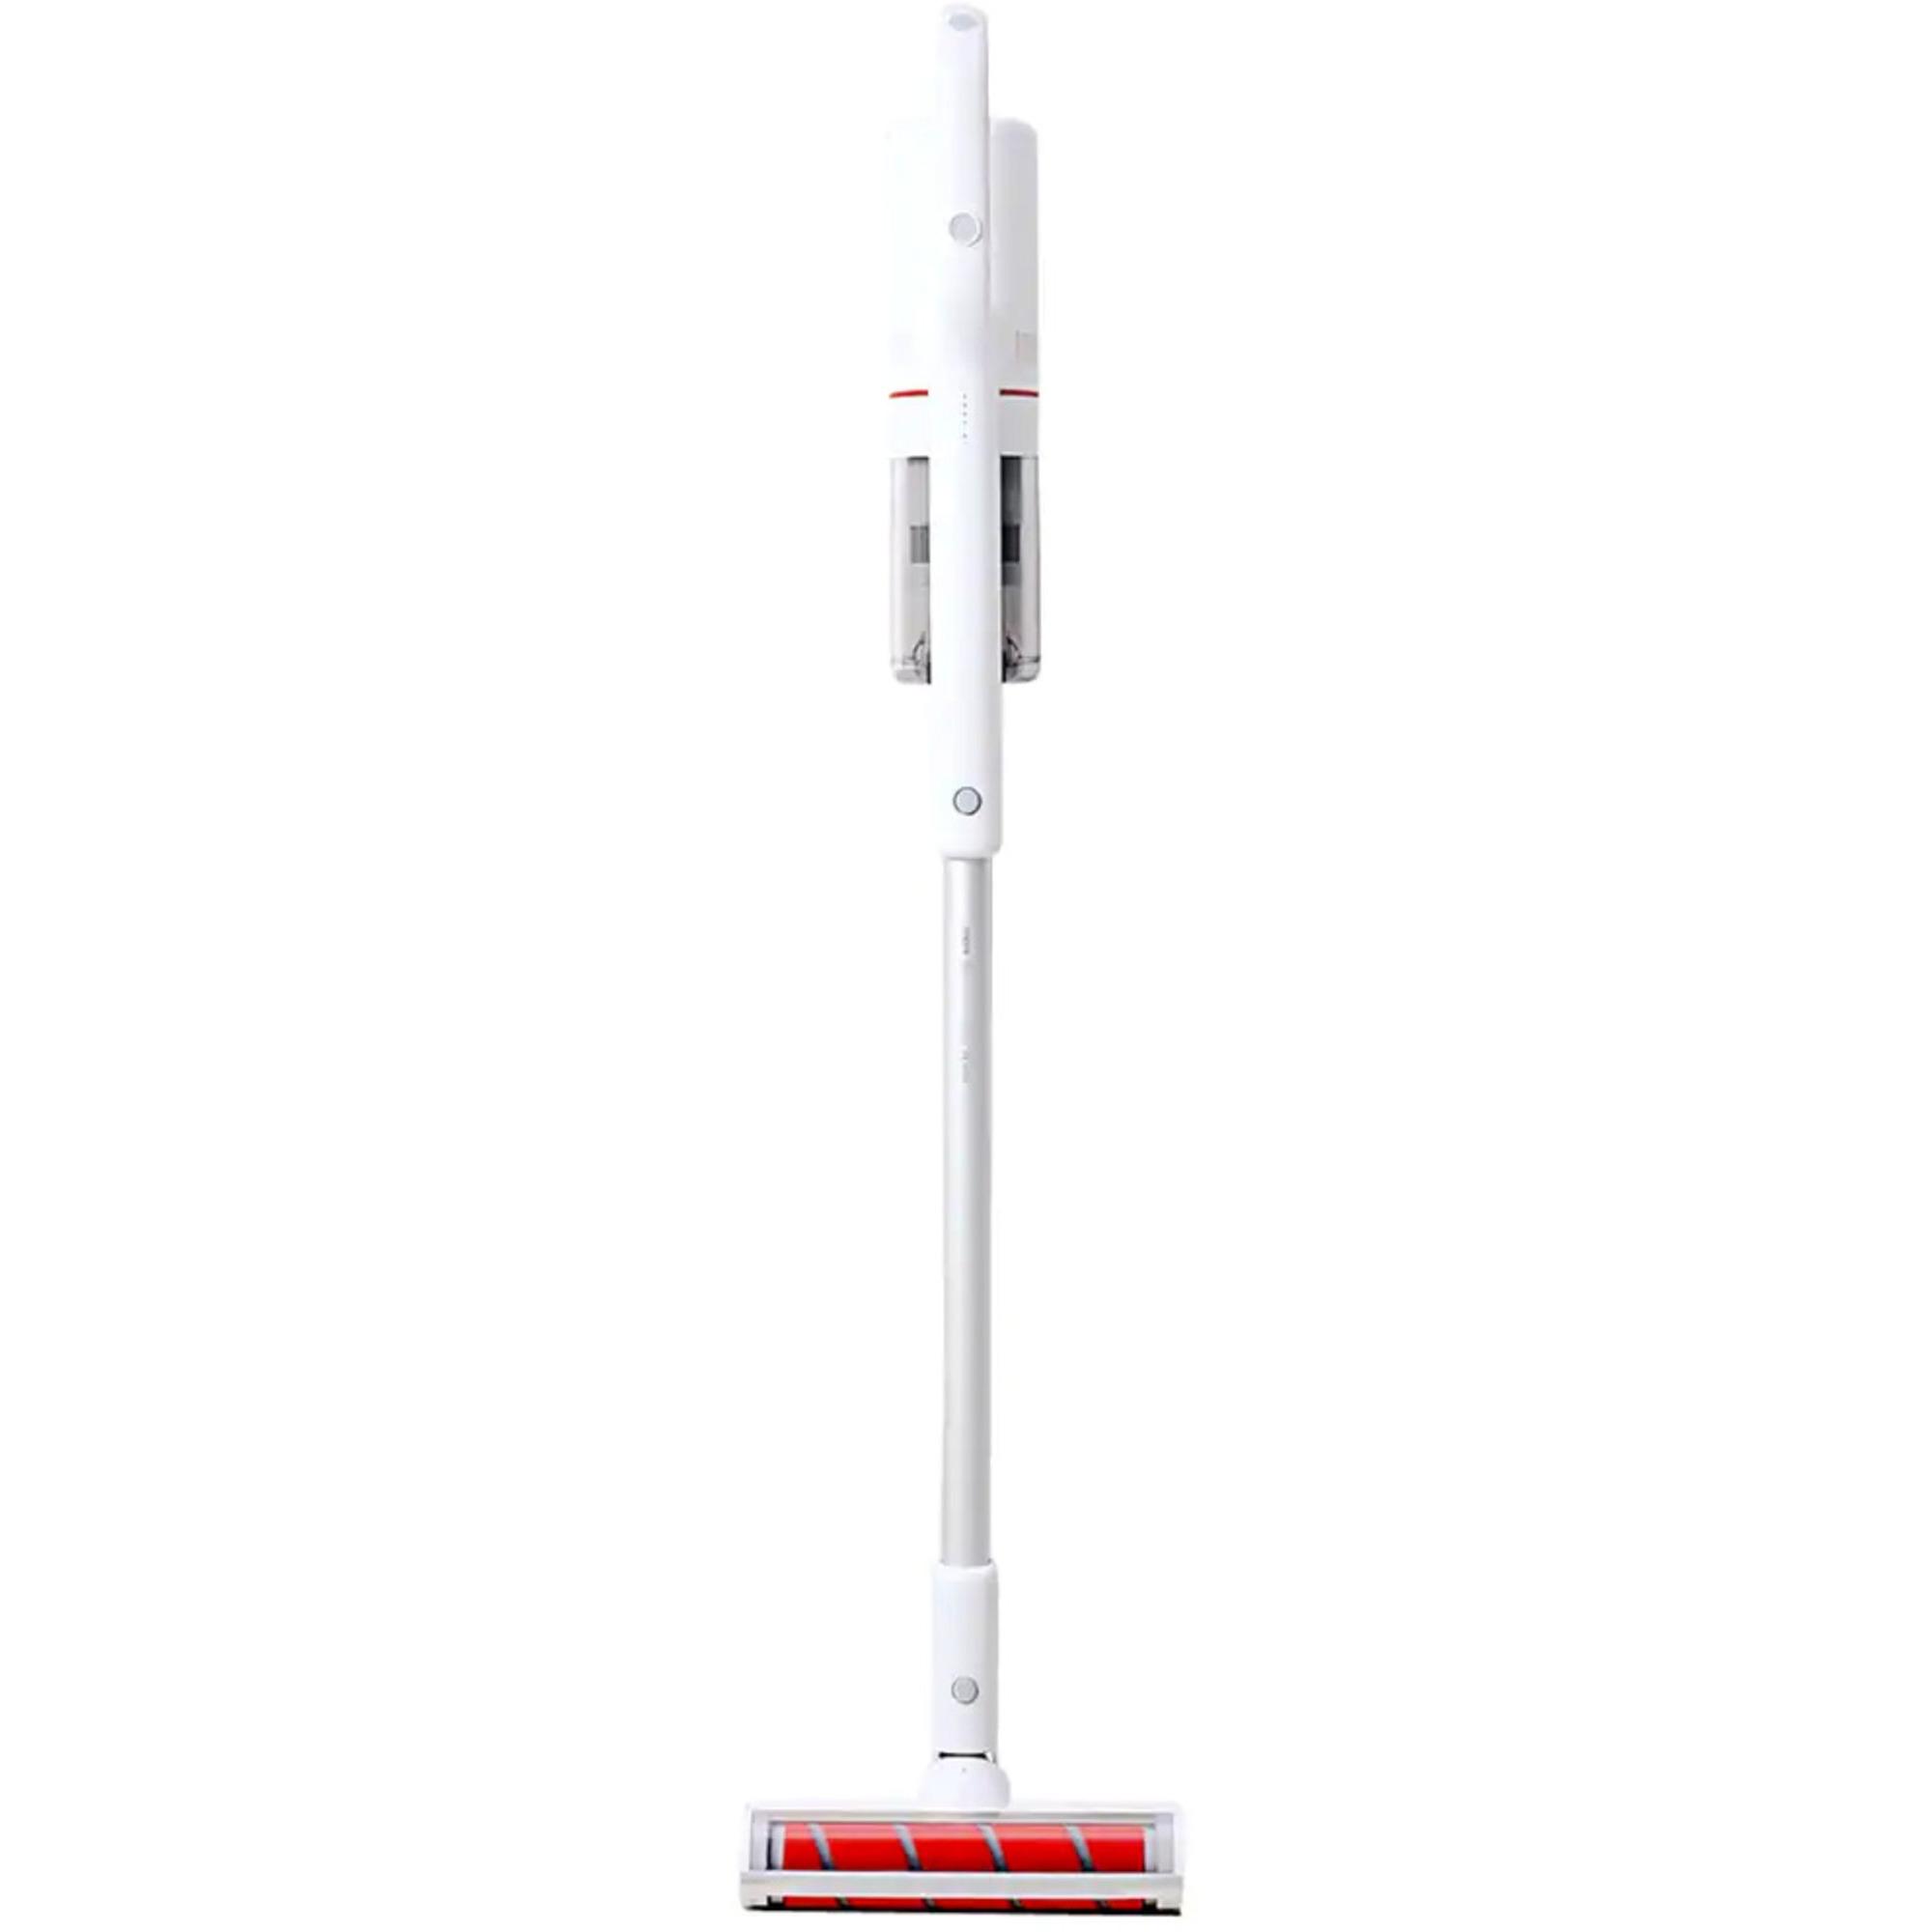 Xiaomi Roidmi F8 cordless vacuum cleaner